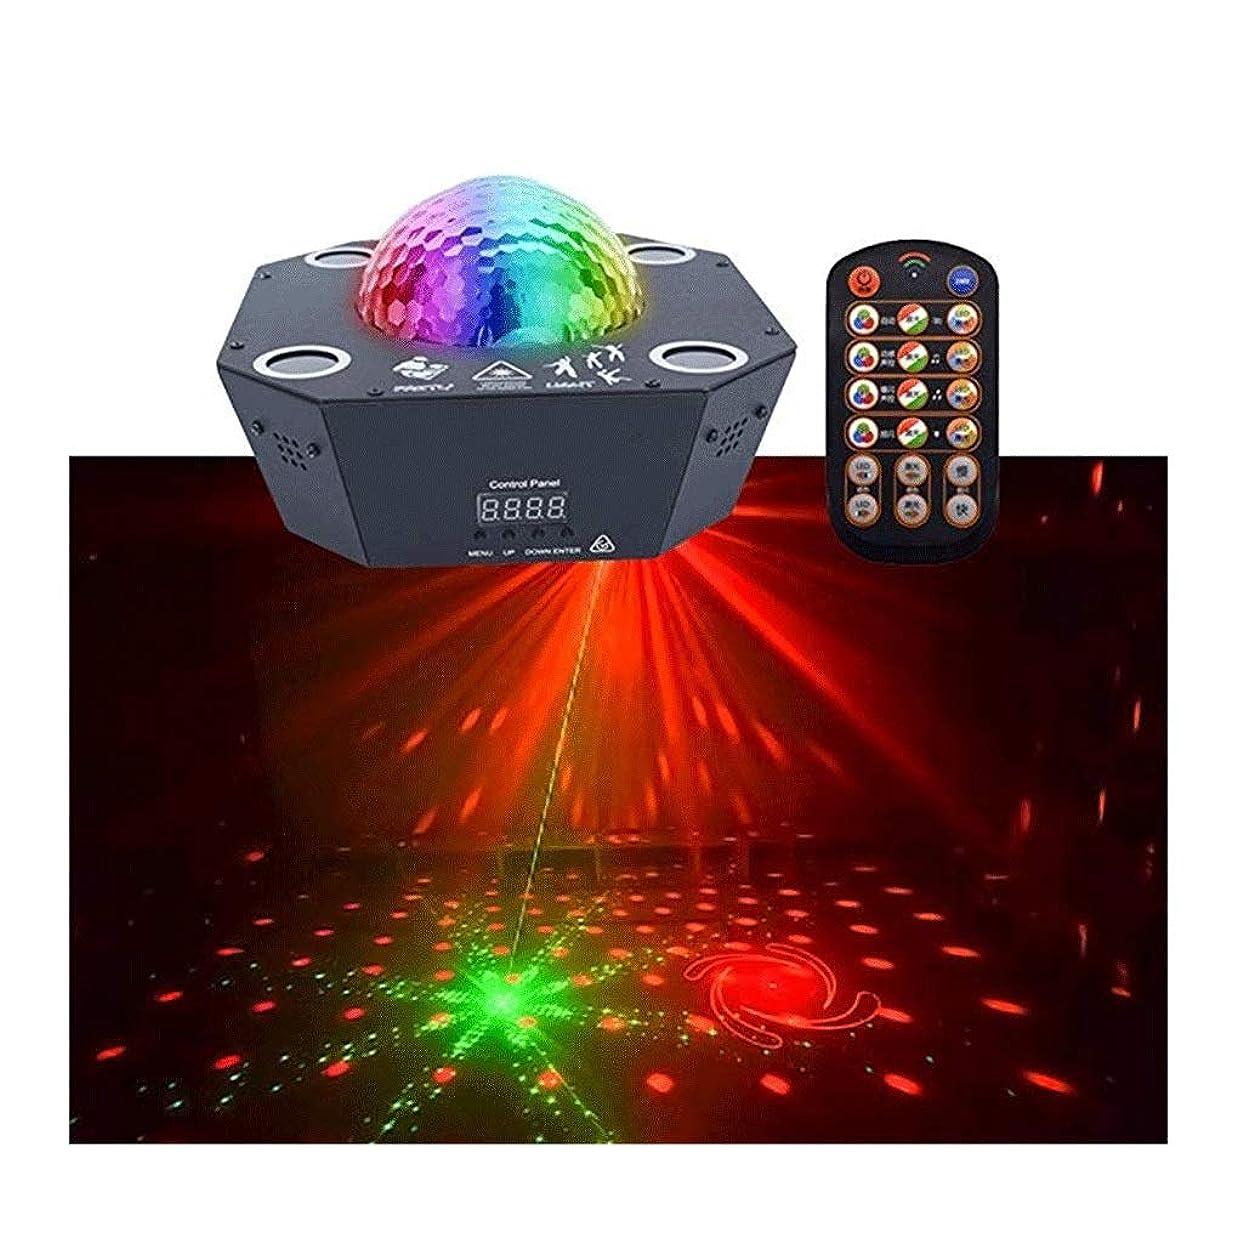 負担海港パンダXSAK01 ディスコボールライト-4チャネルリモートコントロール音声ステージライト25 w RGBW照明パーティーライトクリスマスガーデン装飾 1 (Color : Black, Size : 20.5*20.5*8cm)